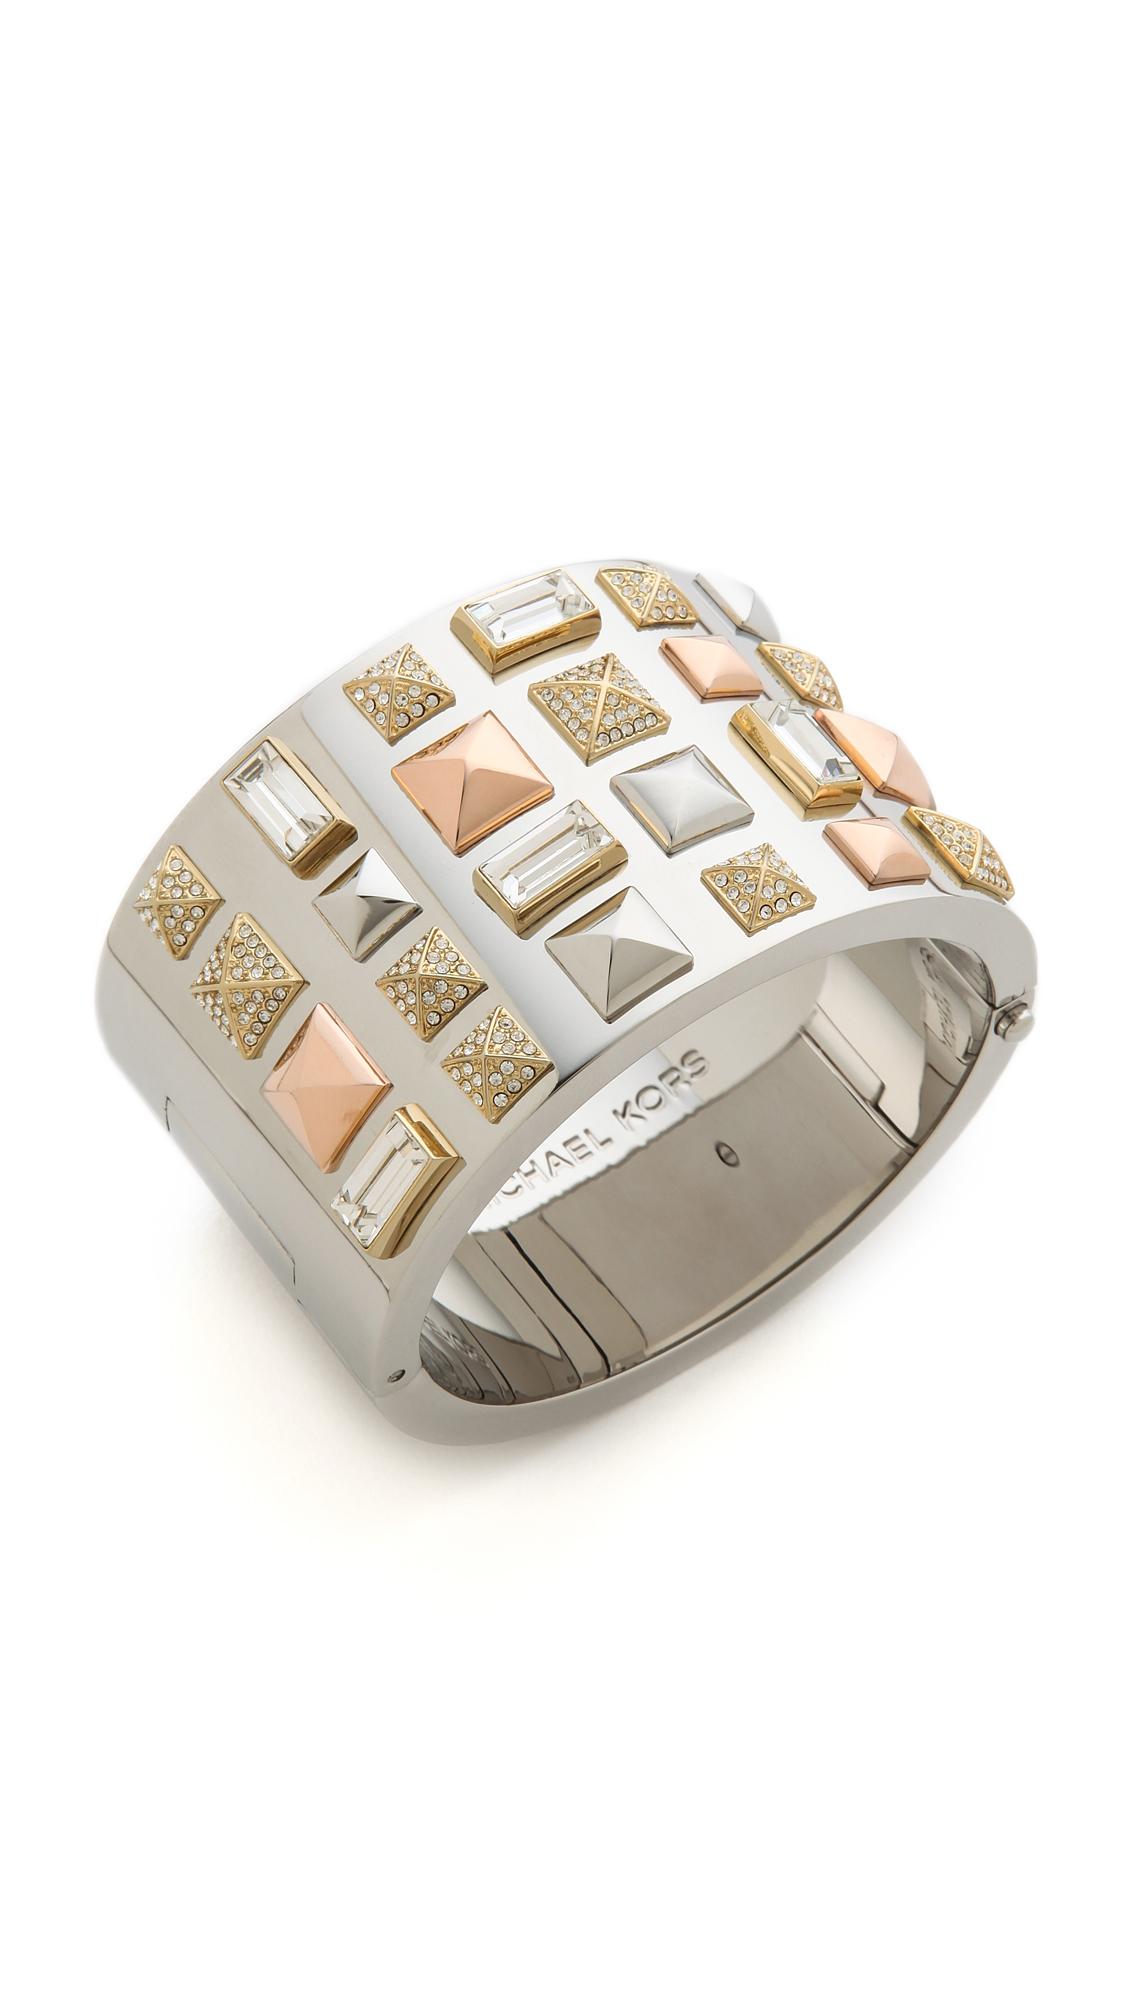 c5594f0f7 Michael Kors Tri Tone Pyramid Stud Bracelet in Metallic - Lyst